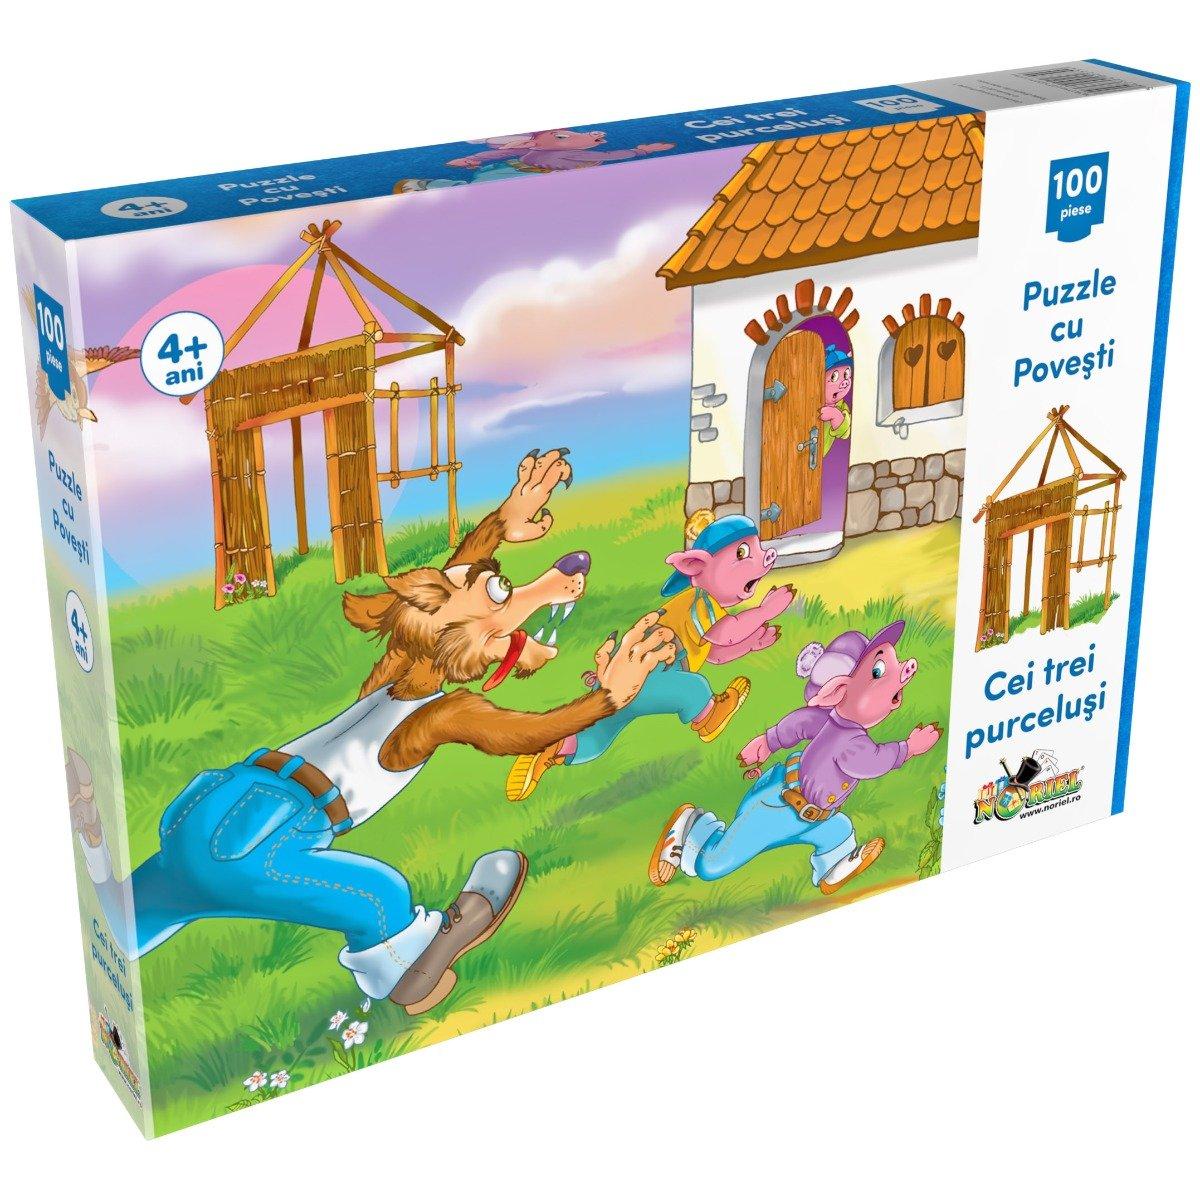 Puzzle Noriel cu povesti 100 de piese - Cei trei purcelusi